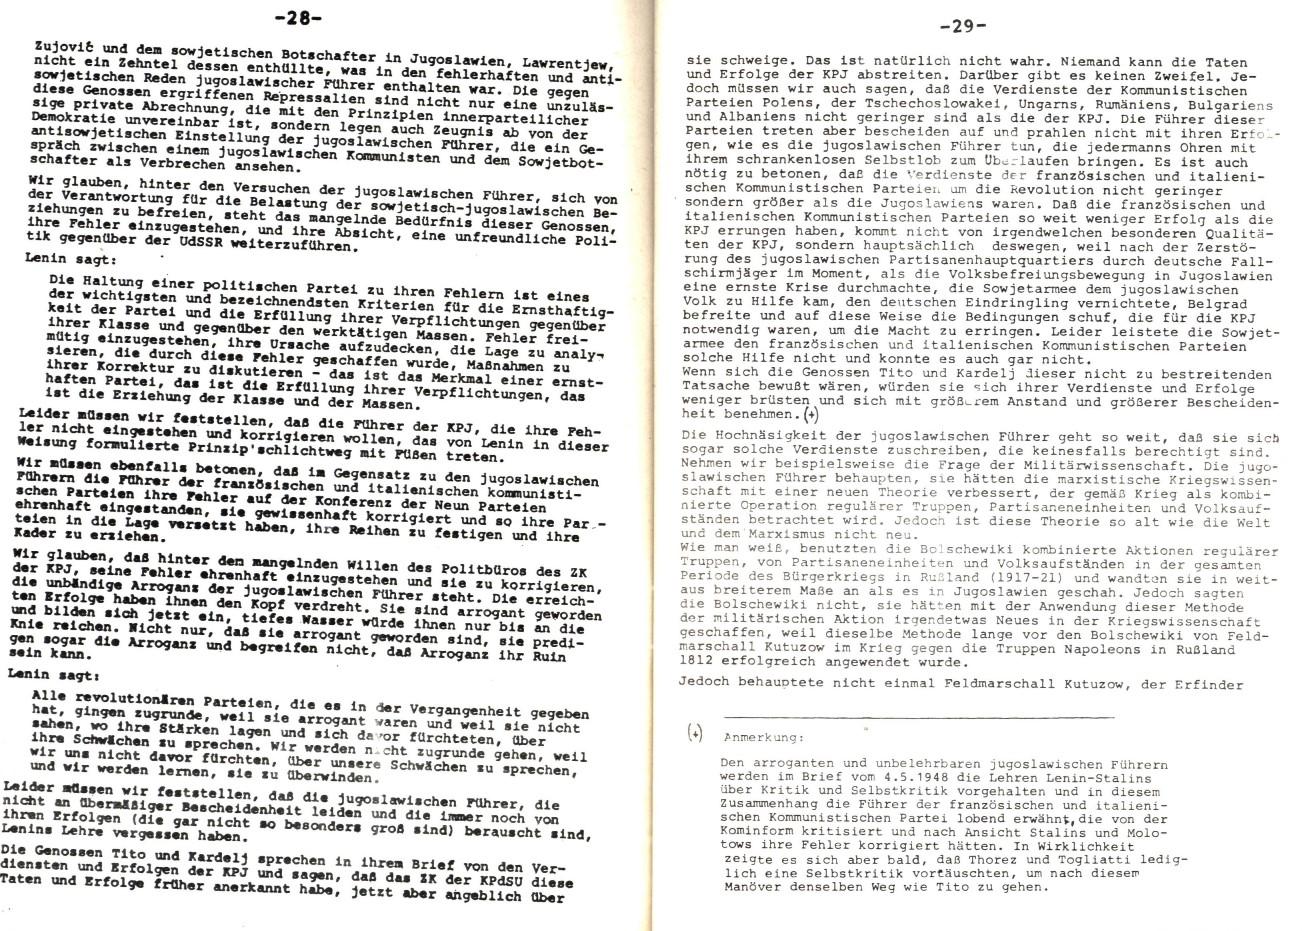 MLSK_Theorie_und_Praxis_des_ML_1979_24_16